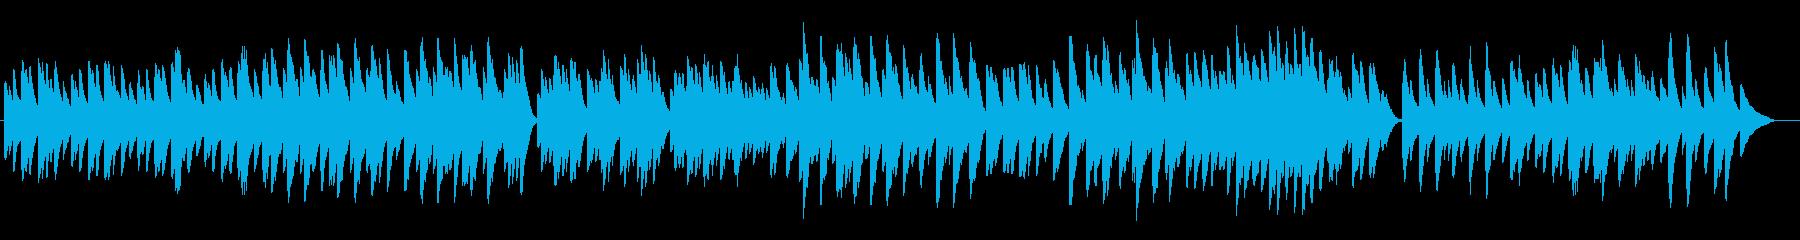 涼しげで爽やかなゆったりオルゴール曲の再生済みの波形